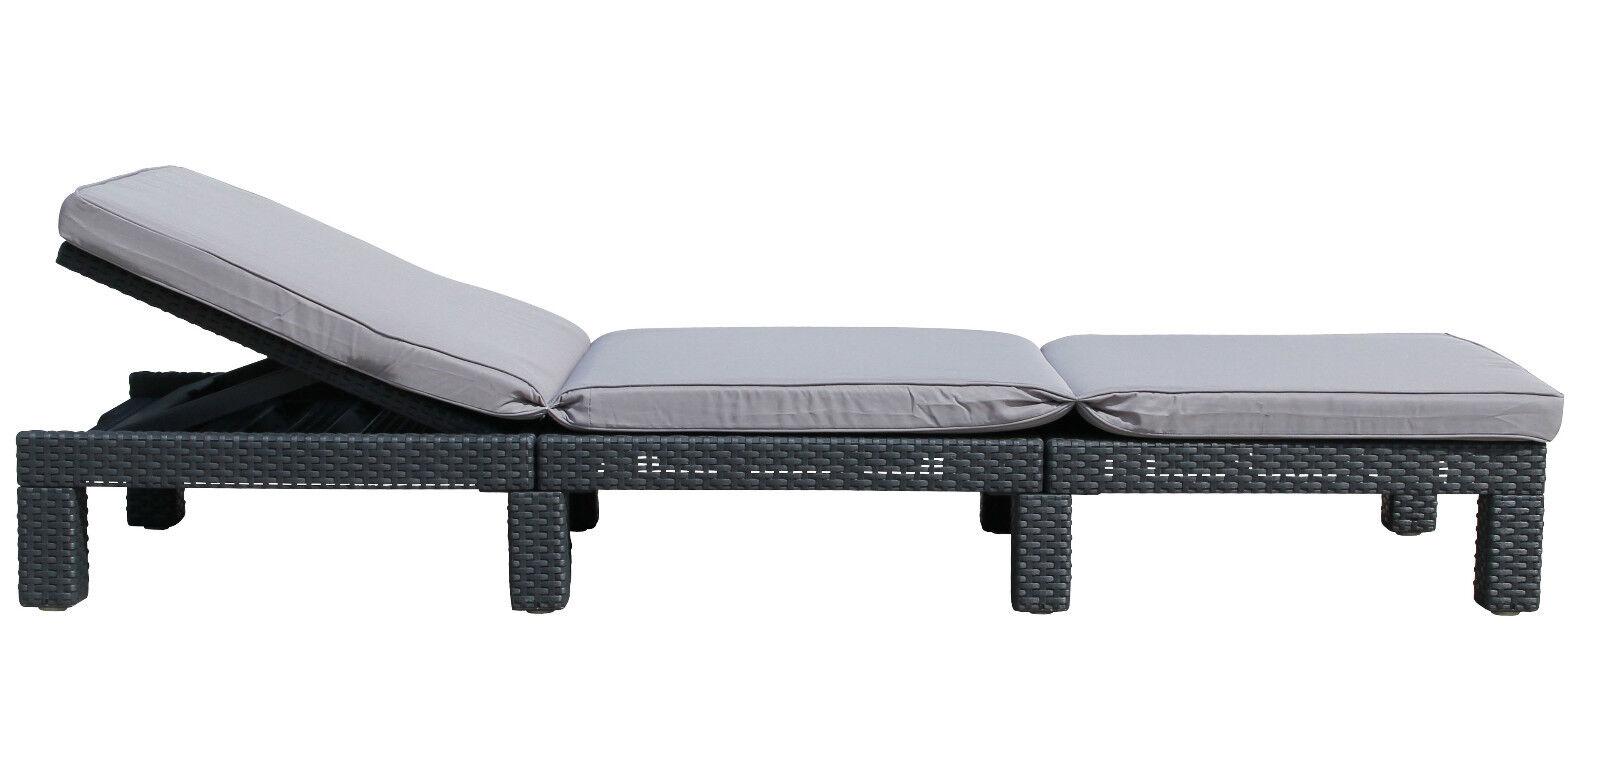 2x allibert daytona sonnenliege gartenliege rattanoptik kunststoff gartenm bel eur 239 95. Black Bedroom Furniture Sets. Home Design Ideas